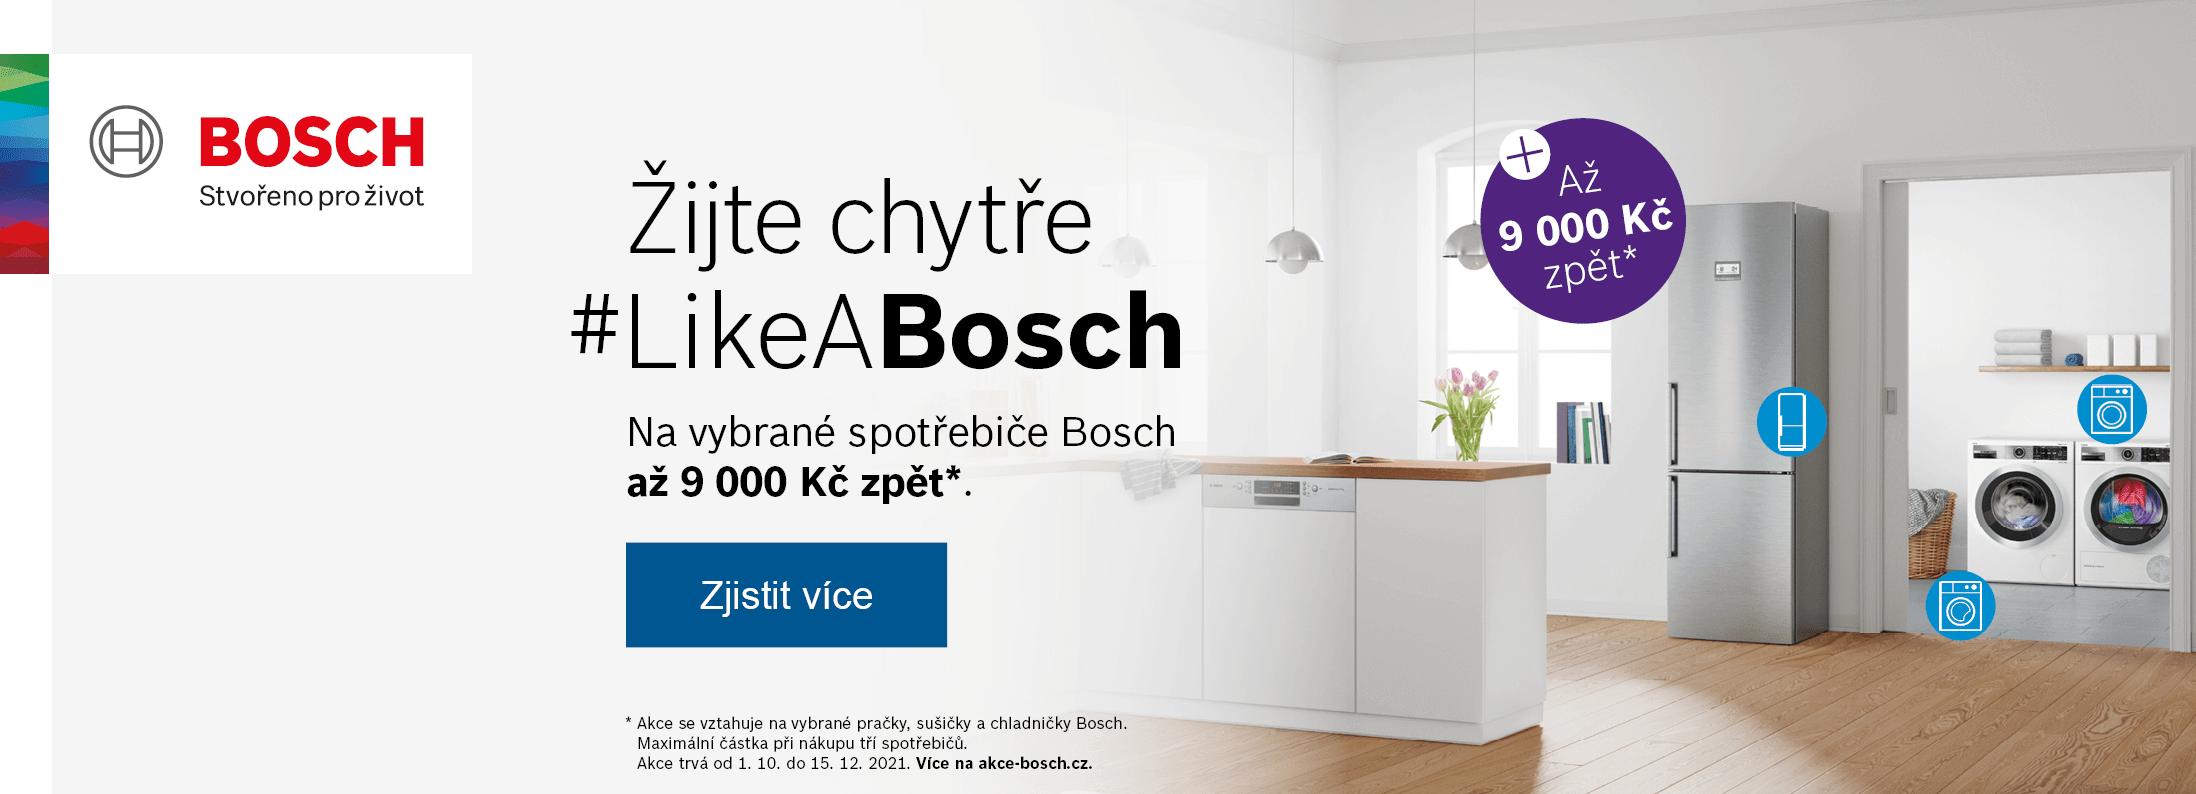 Bosch - Žijte chytře #LikeABosch